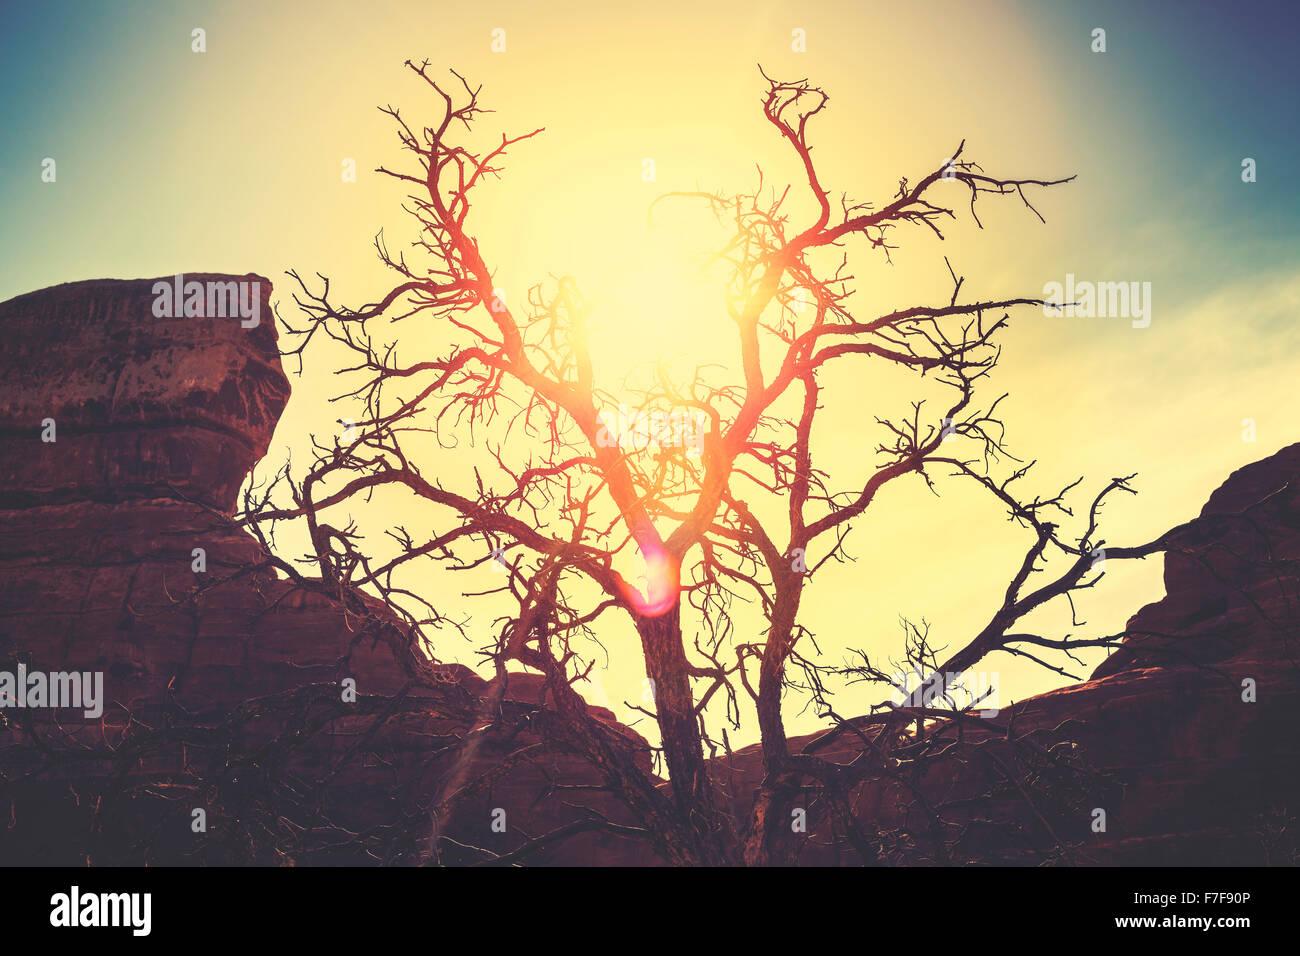 Vintage getönten Silhouette eine einsame trockenen Baum bei Sonnenuntergang, Vergehen der Zeit Konzept Bild. Stockbild